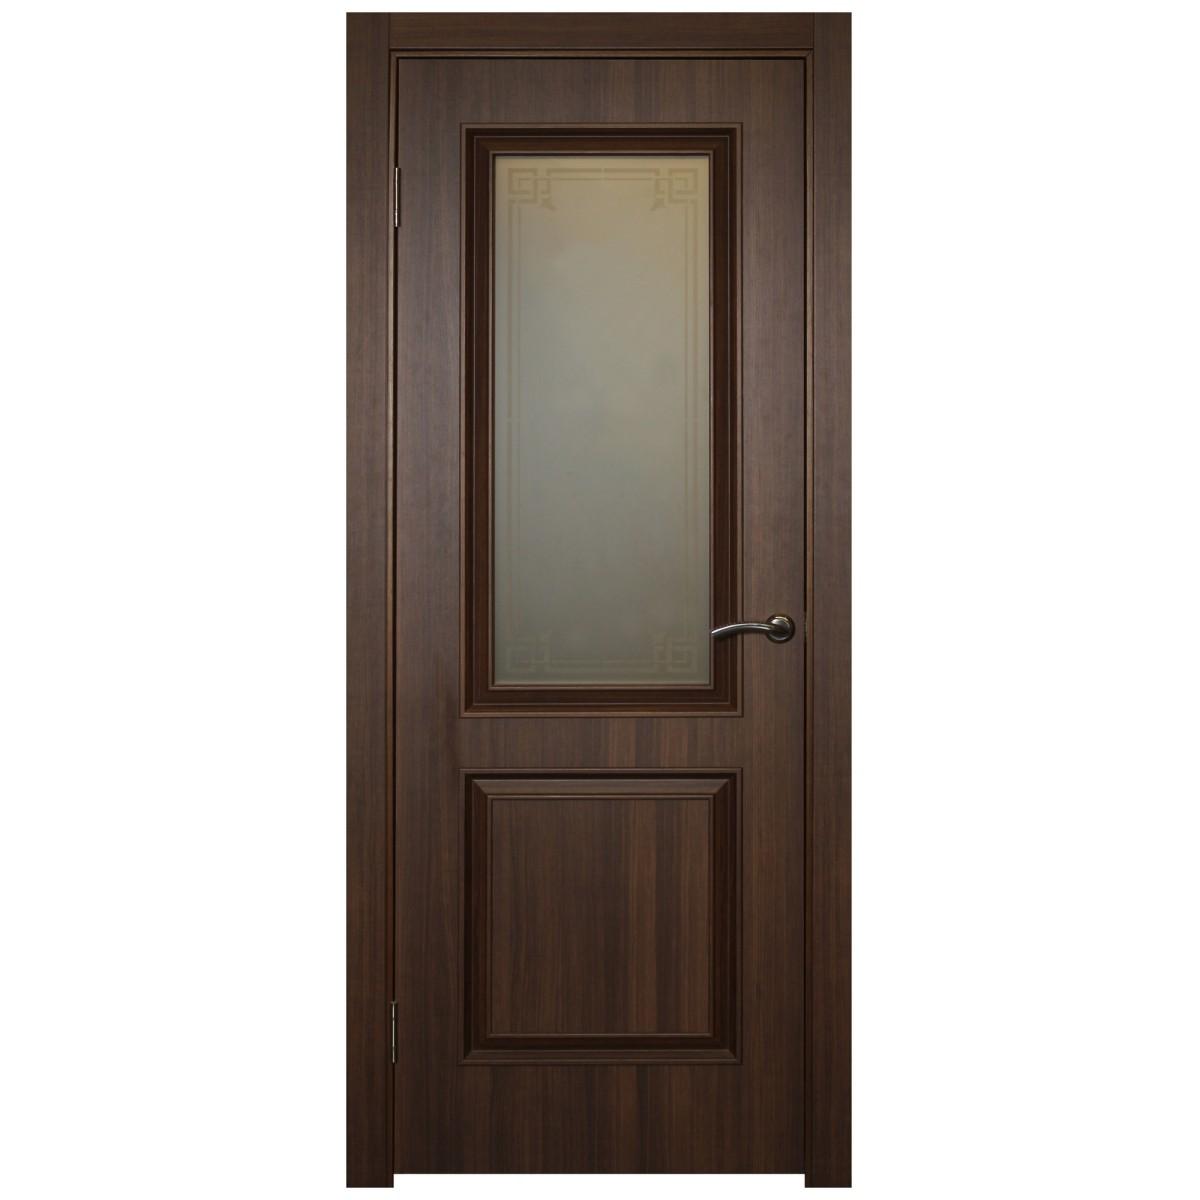 Дверь межкомнатная остеклённая Ventura 80x200 см ПВХ цвет золотой орех